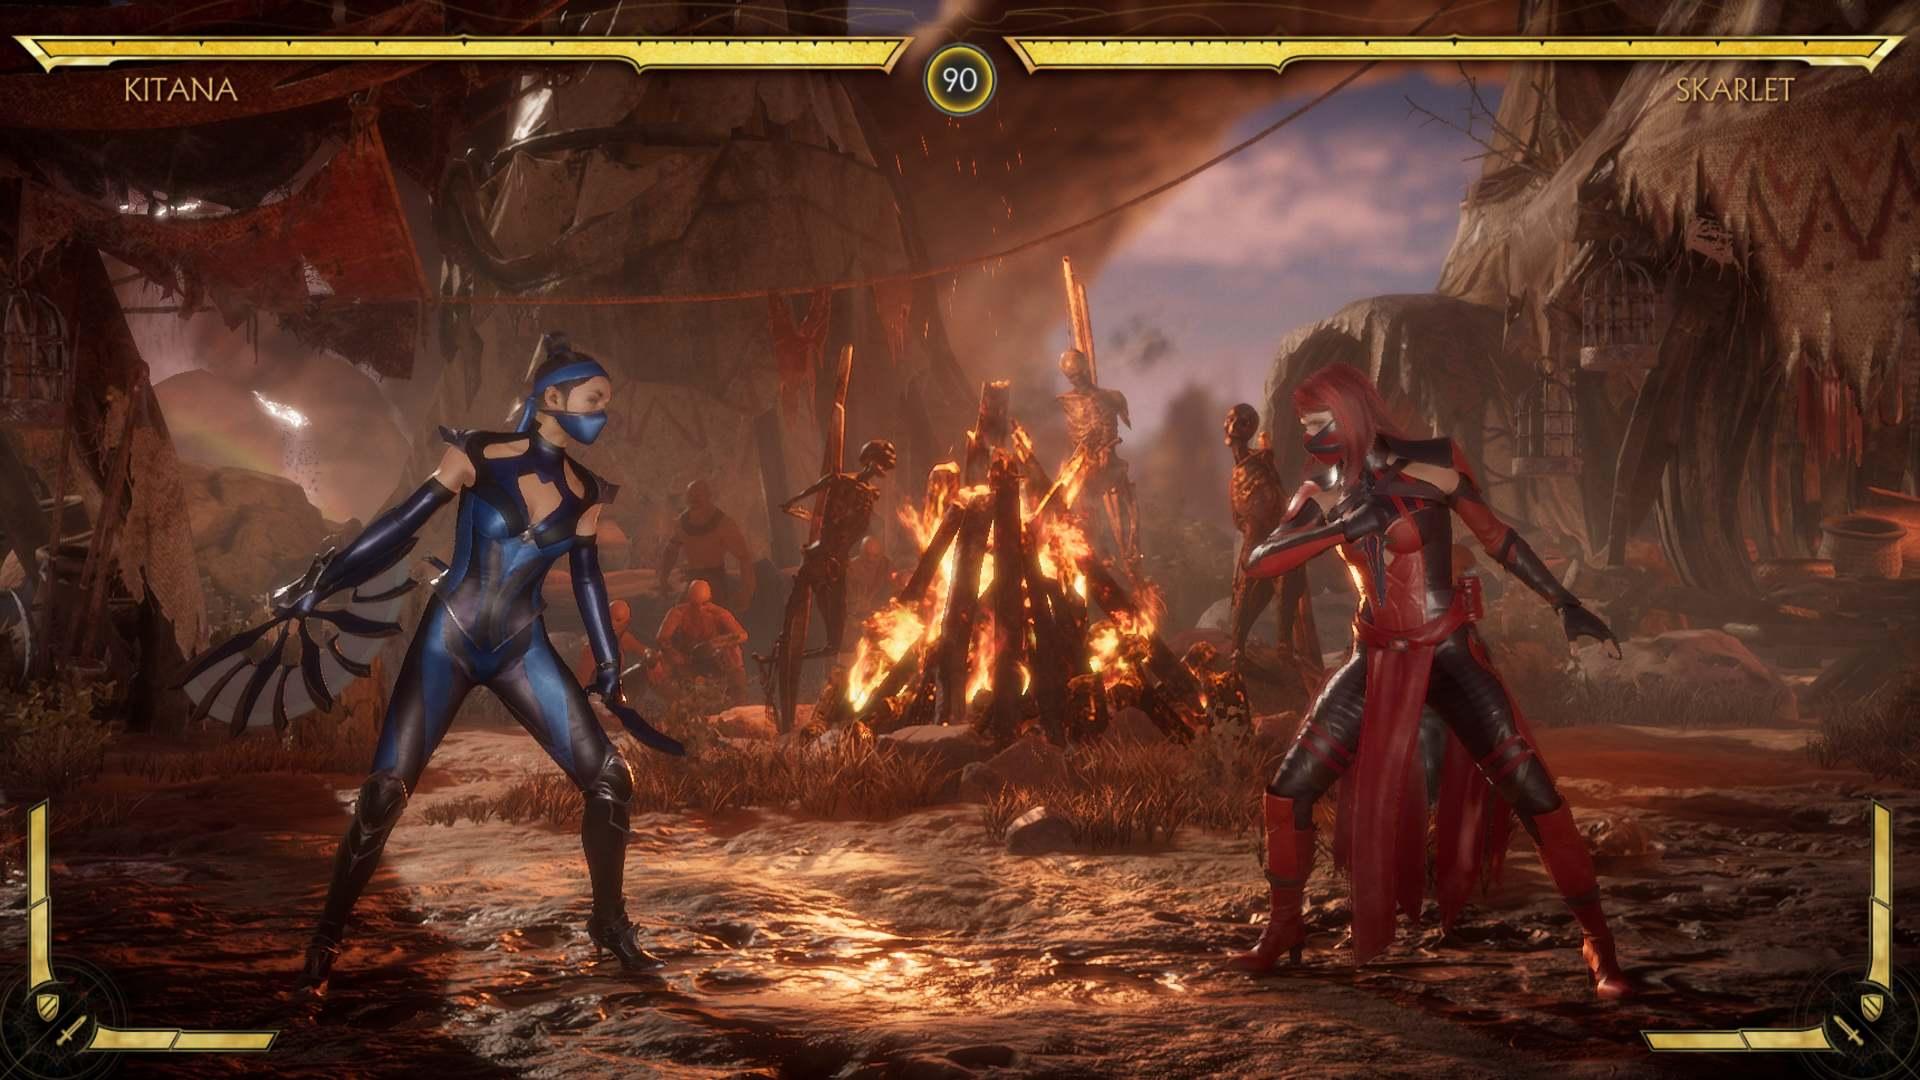 Mortal Kombat 11 Kitana versus Skarlet